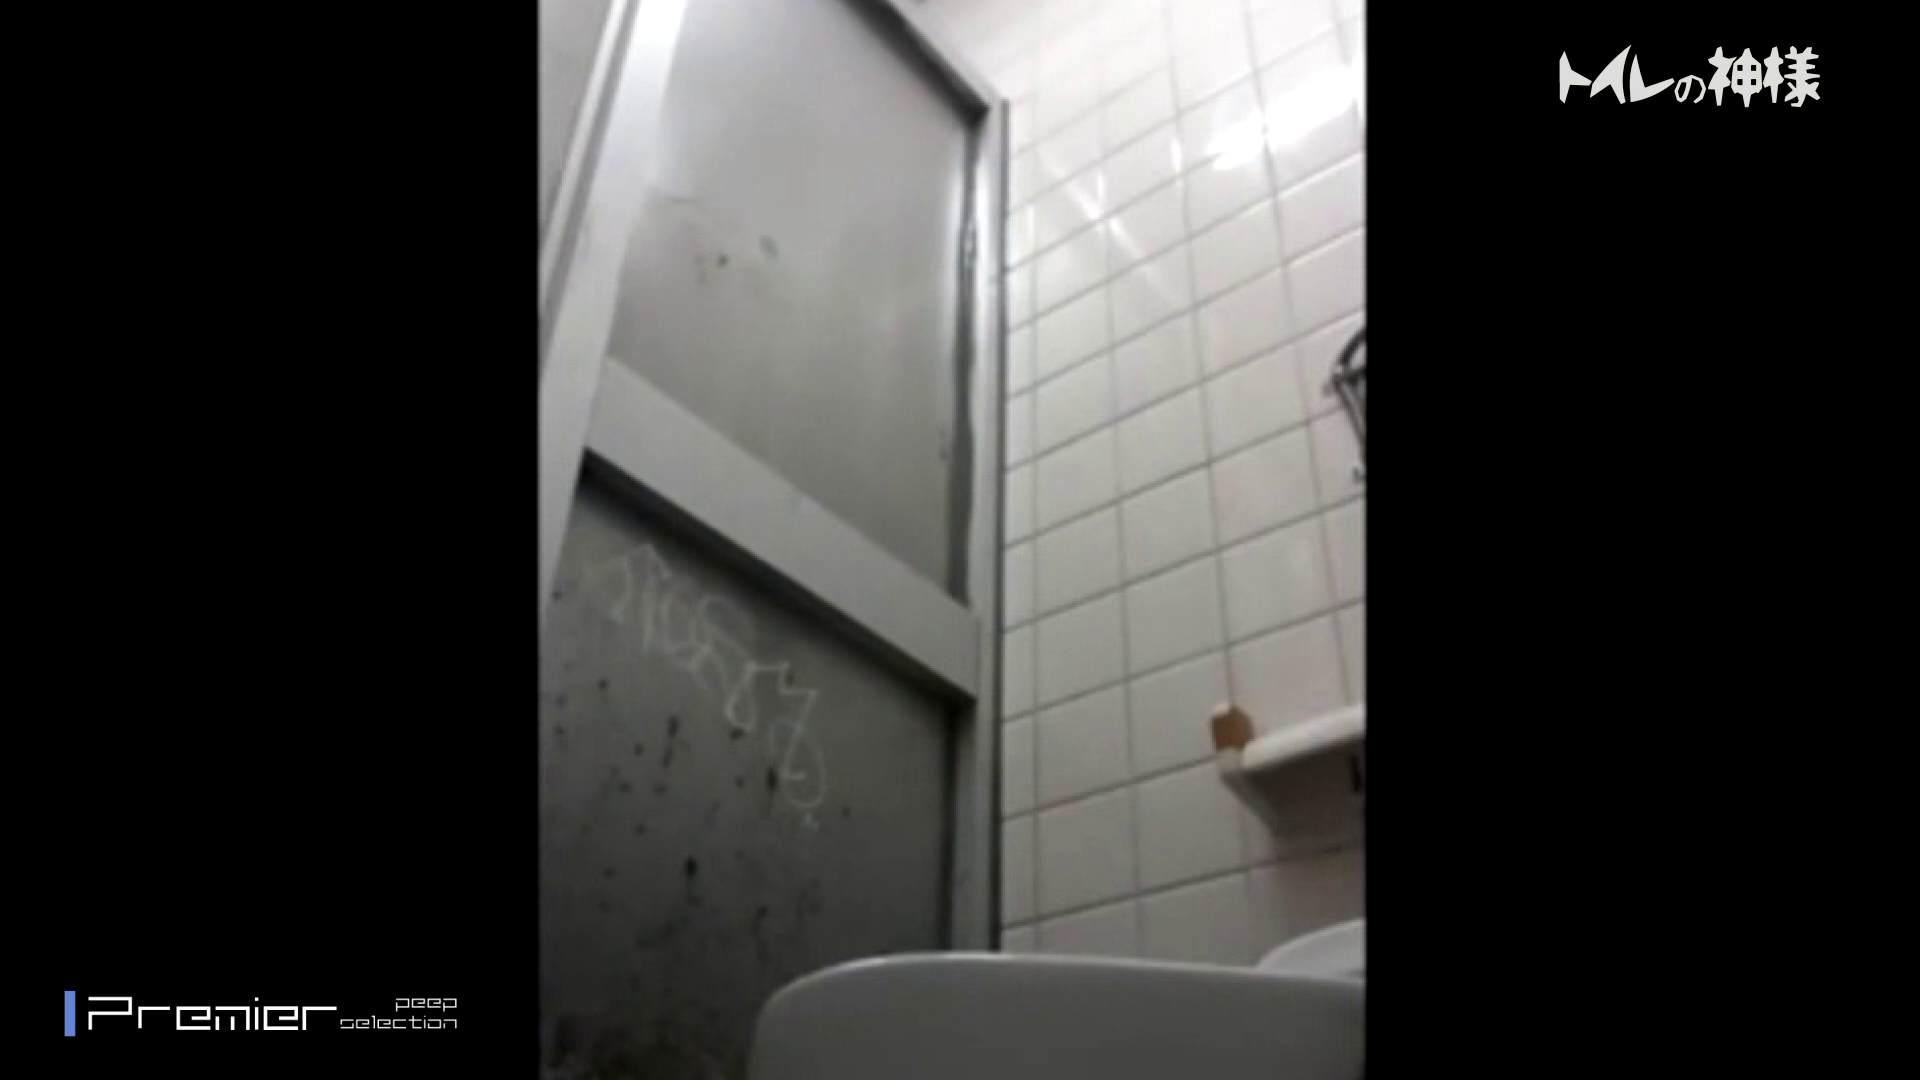 kyouko排泄 うんこをたくさん集めました。トイレの神様 Vol.14 トイレ | 排泄  53pic 9